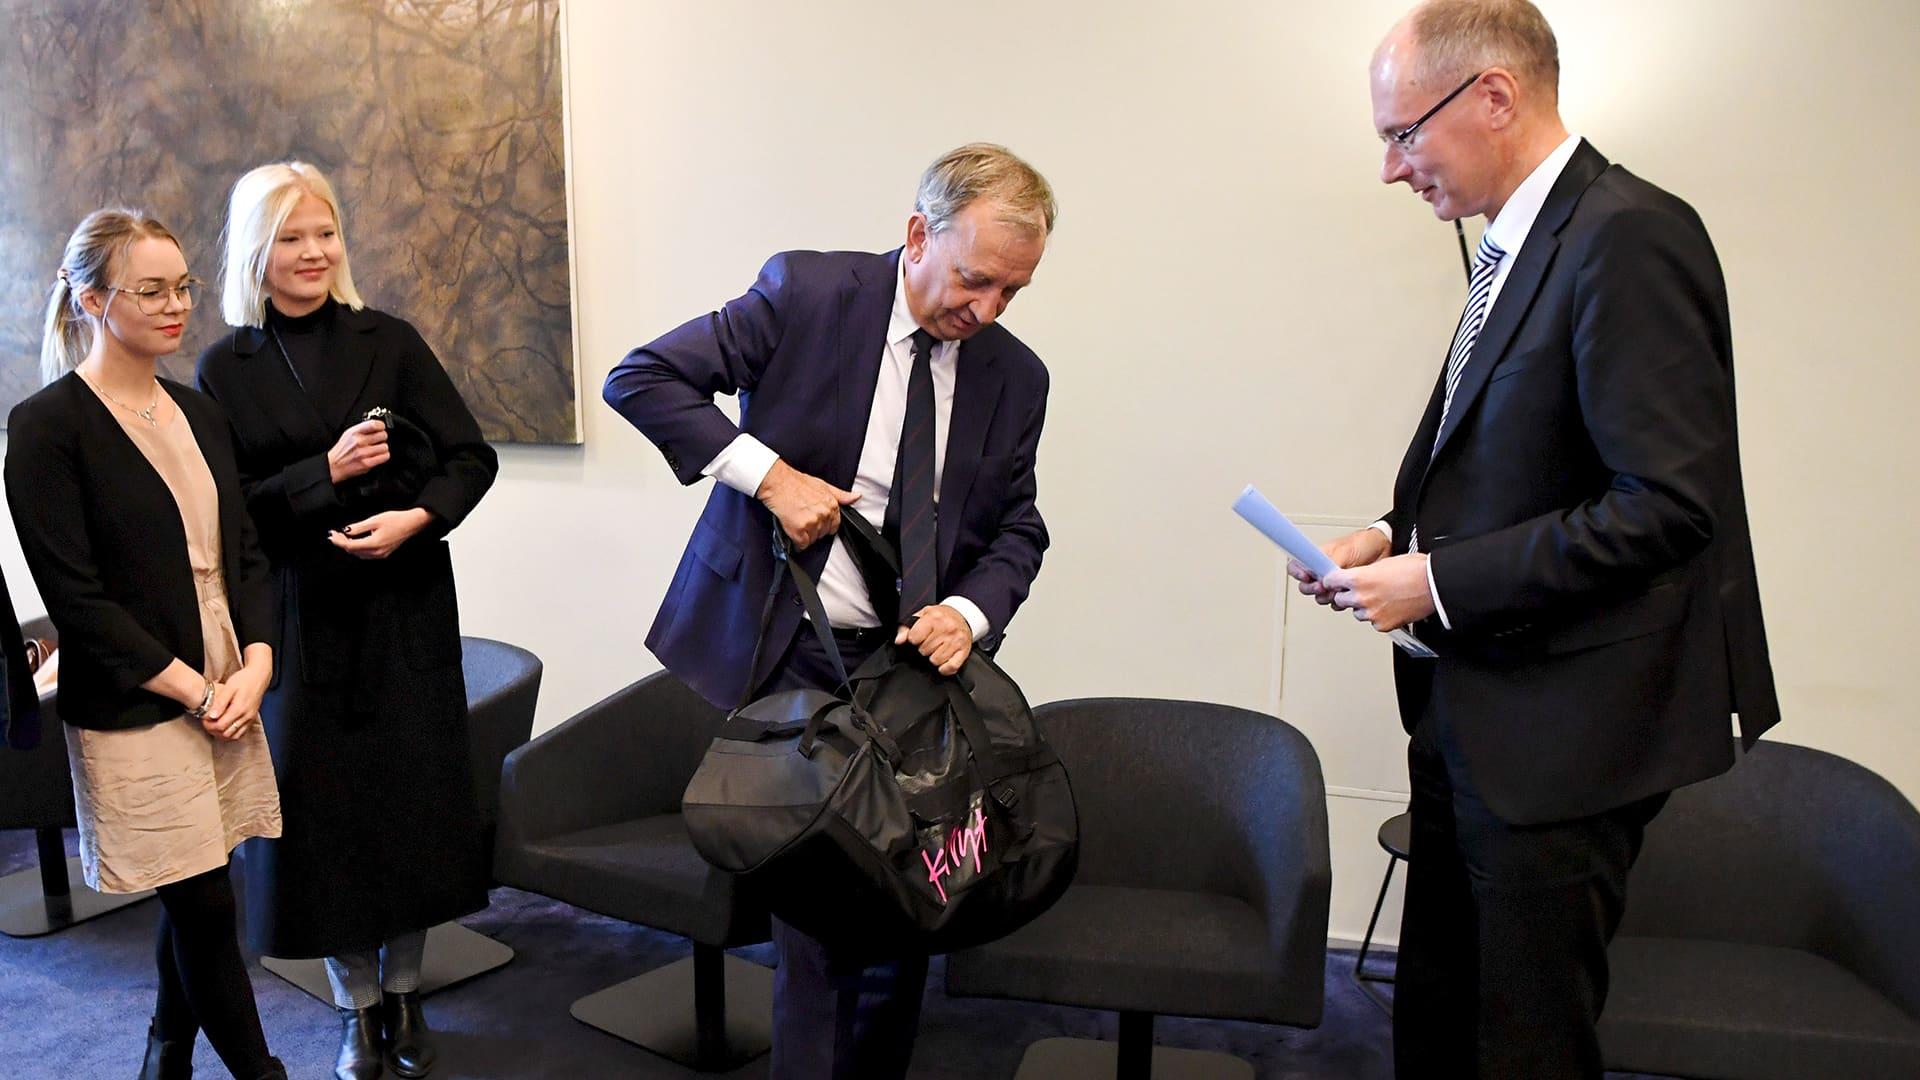 Liike Nyt -yhdistyksen Harry Harkimo luovutti 5 000 kannattajakorttia oikeusministeriöön Helsingissä perjantaina 20. syyskuuta.